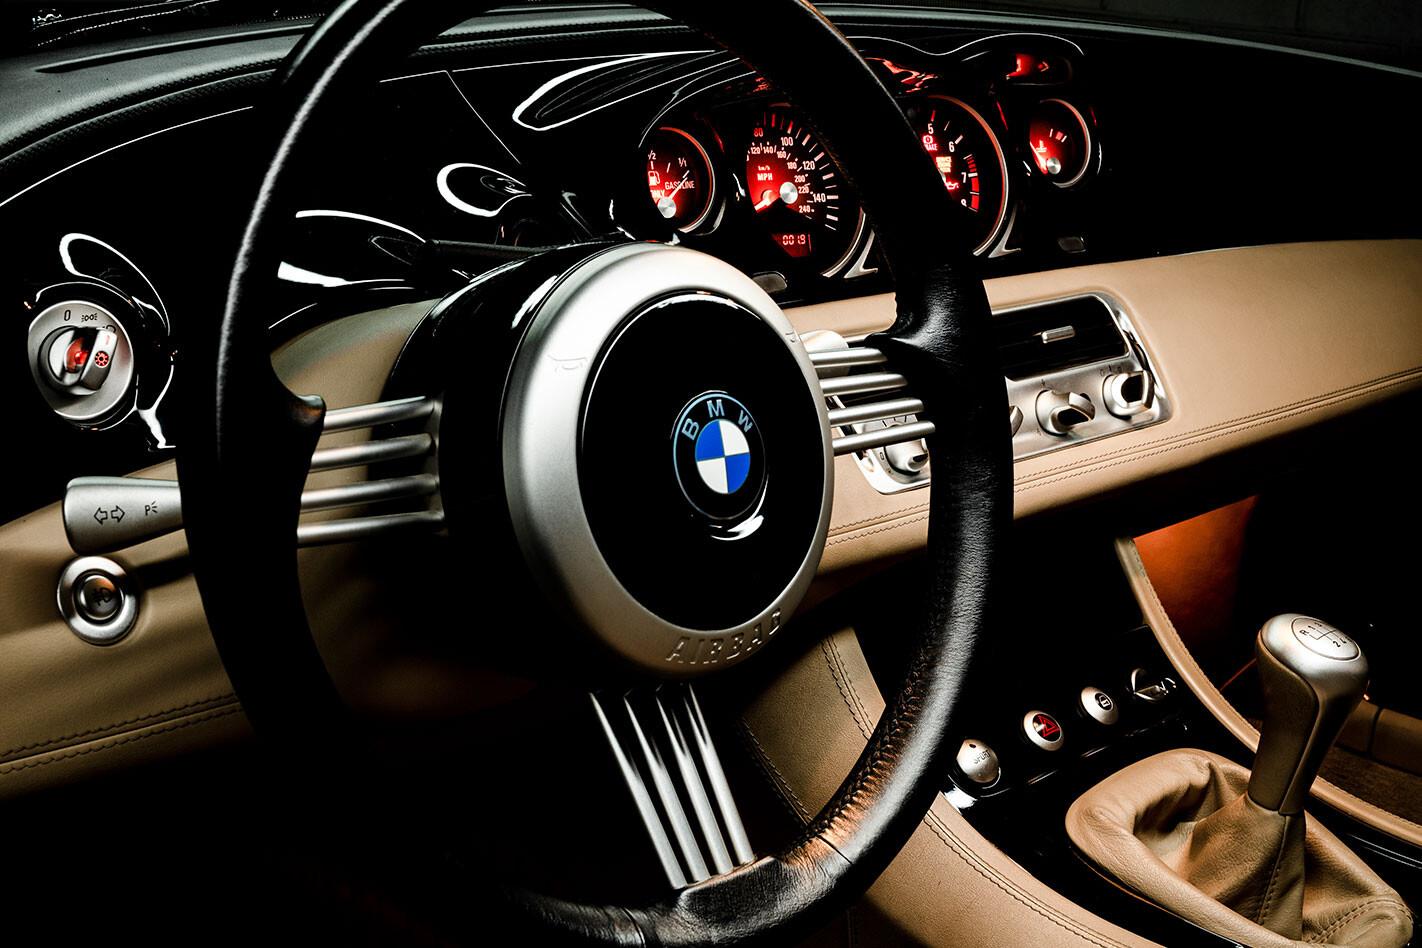 BMW Z8 dash